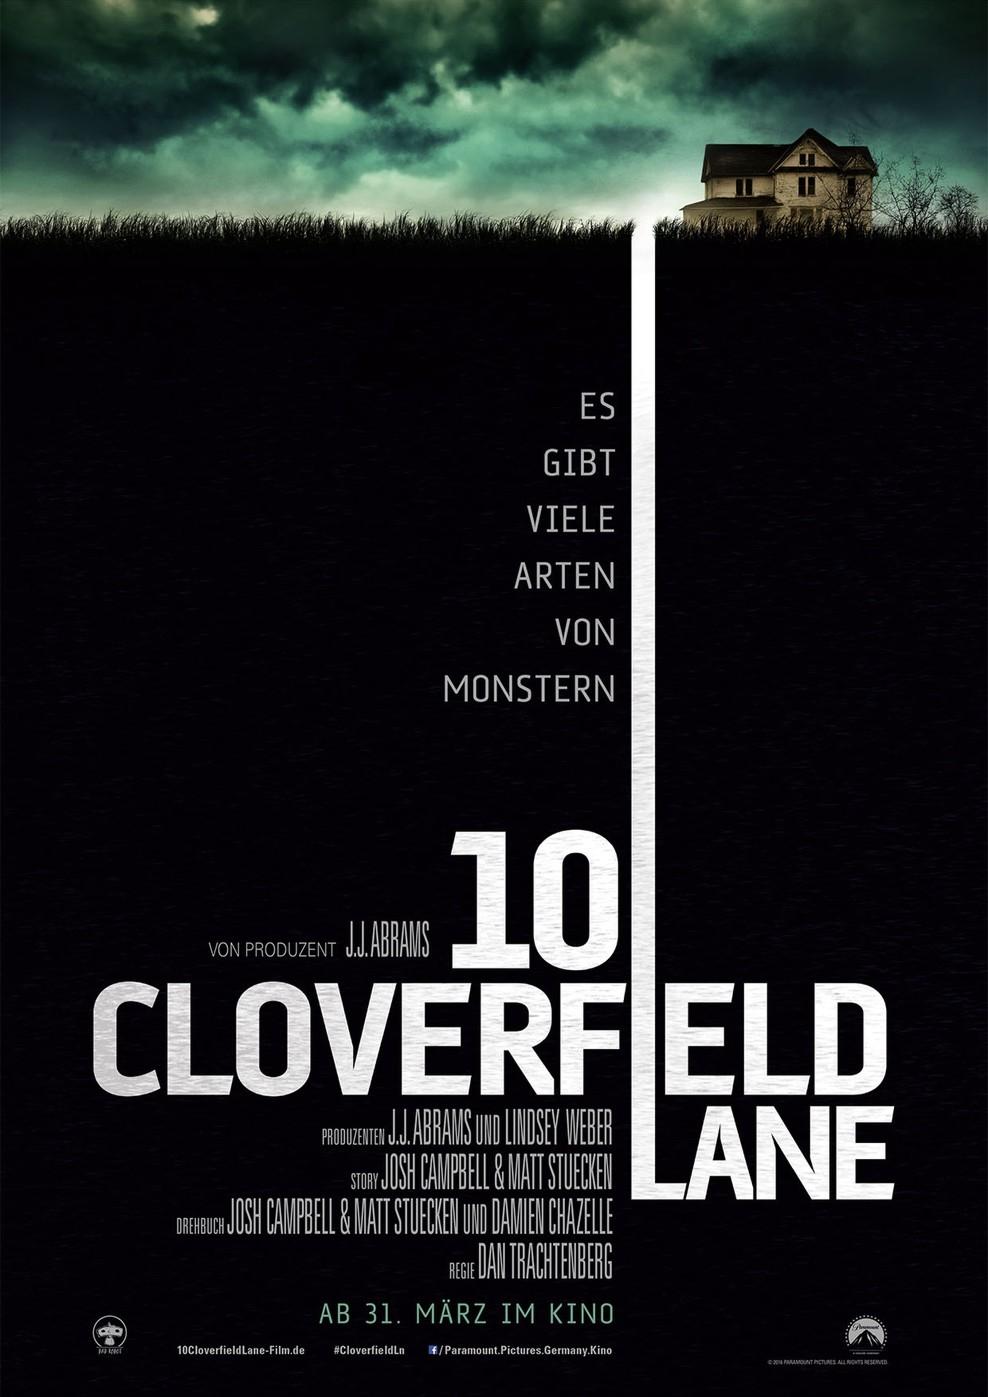 10 Cloverfield Lane (Poster)